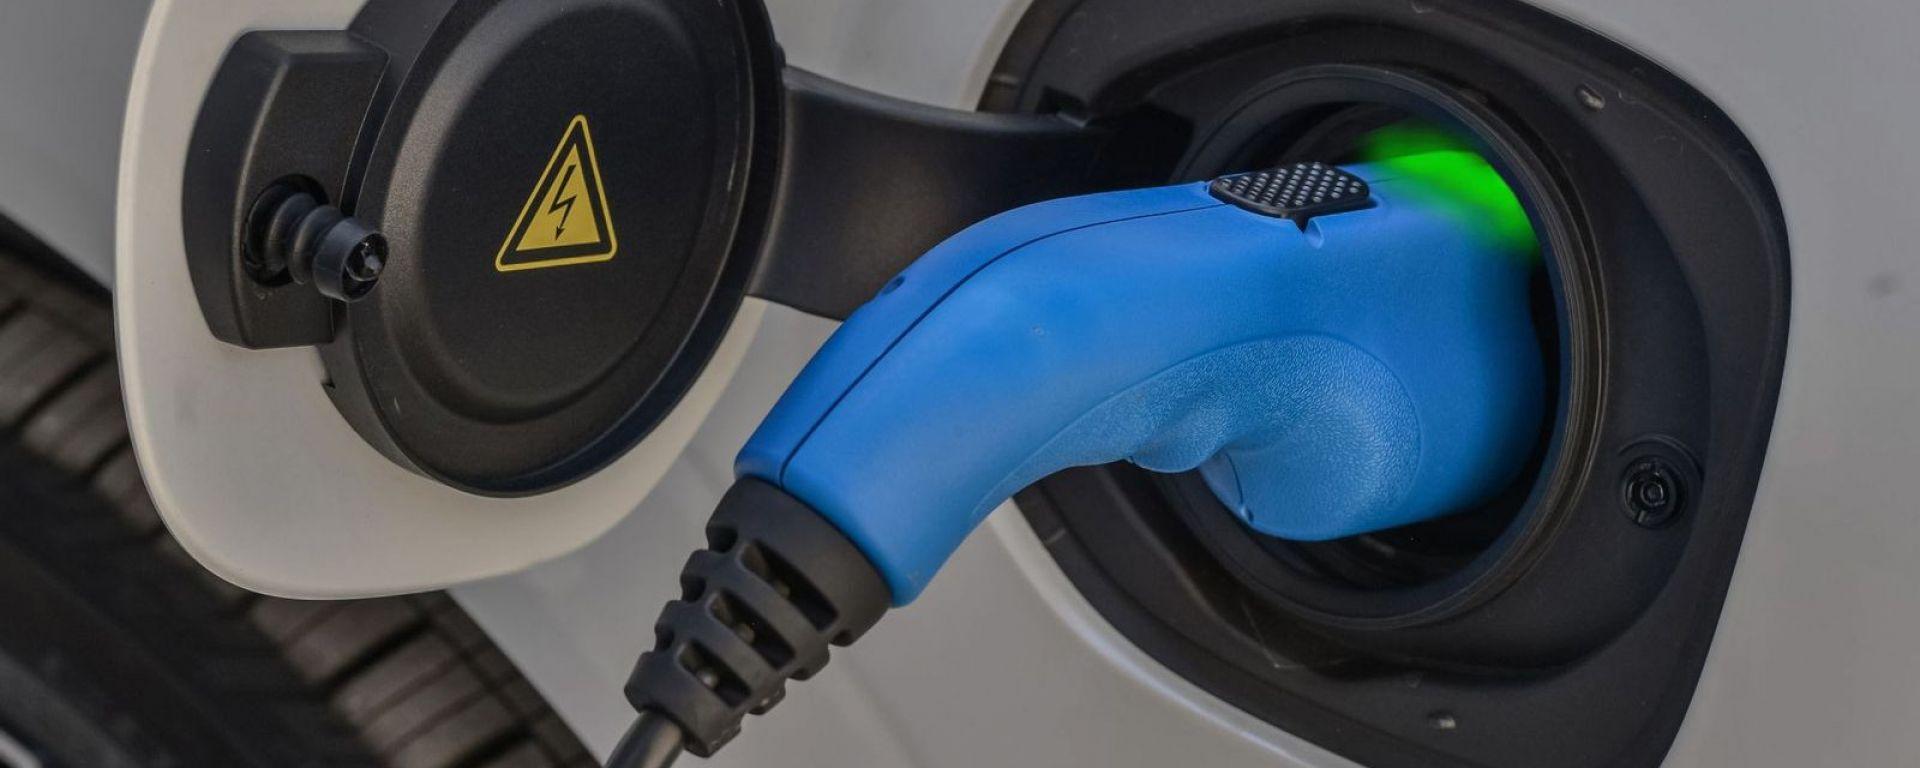 La presa di un'auto plug-in hybrid in ricarica